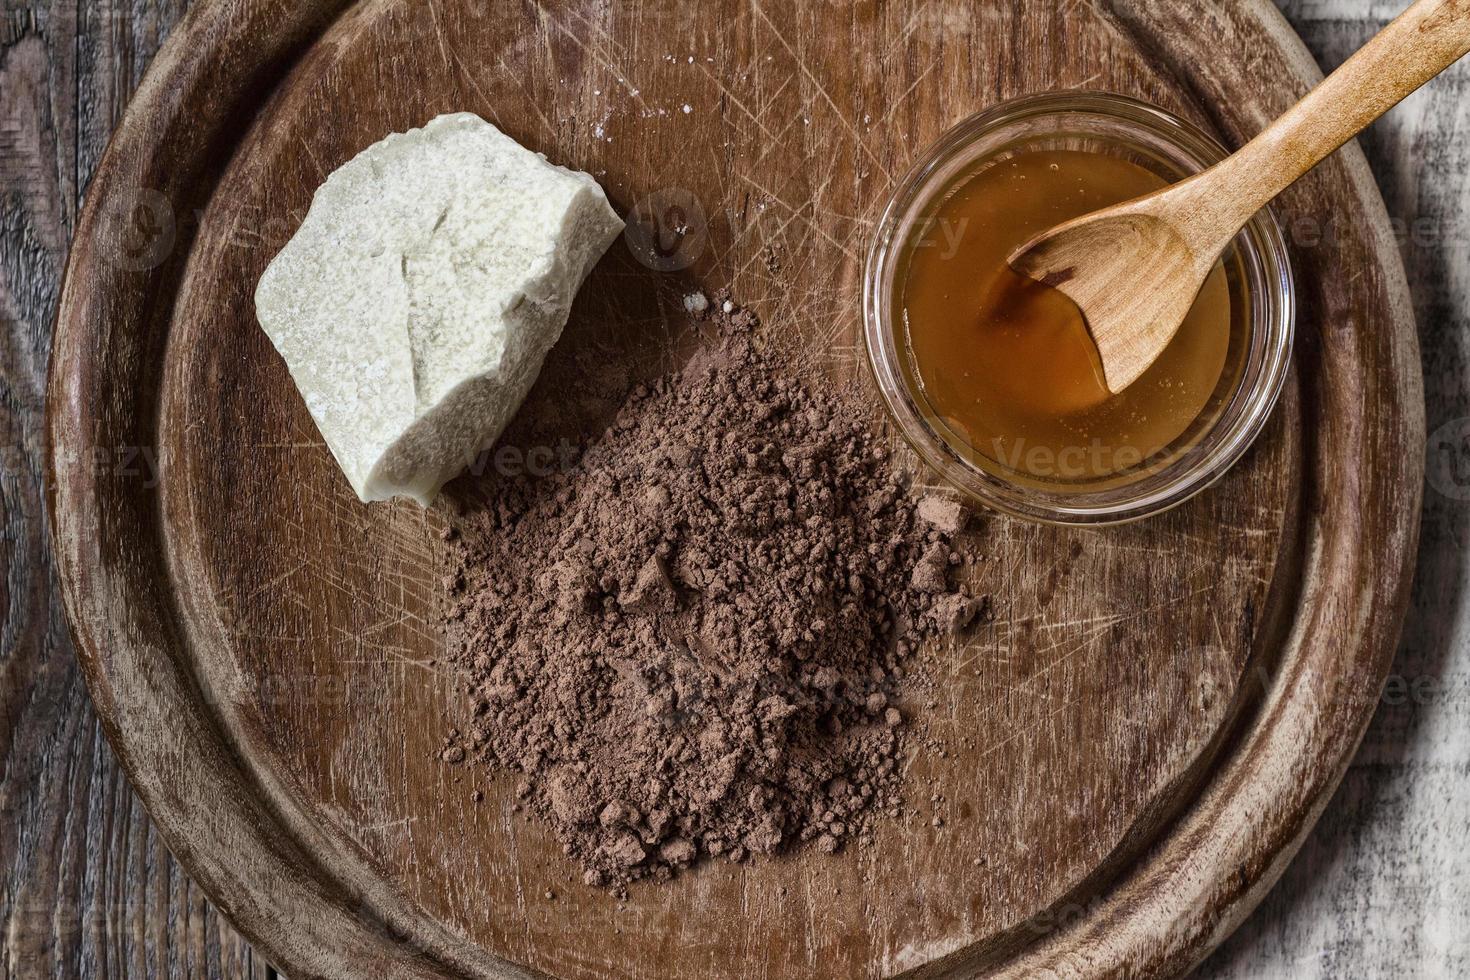 Manteca de cacao, cacao en polvo y miel sobre fondo de madera grunge foto